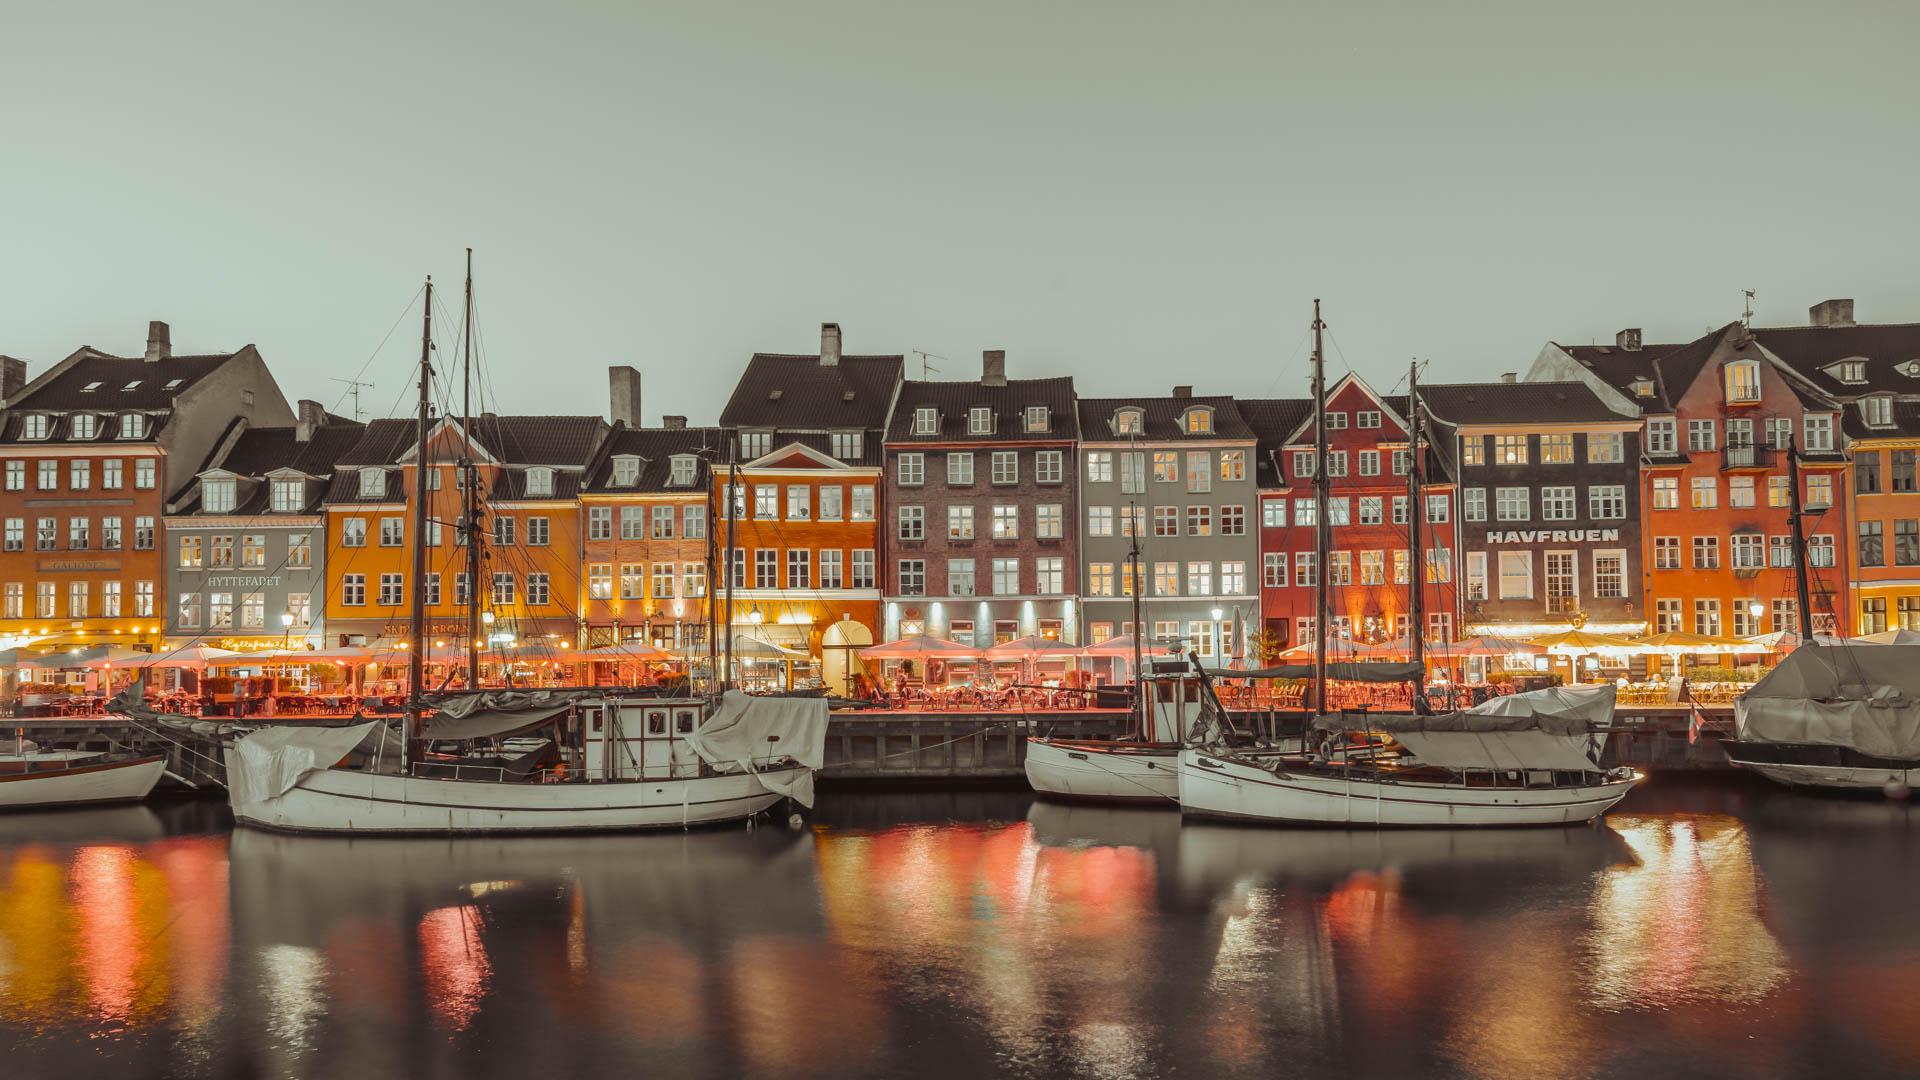 Copenhague2019-Still-35.jpg